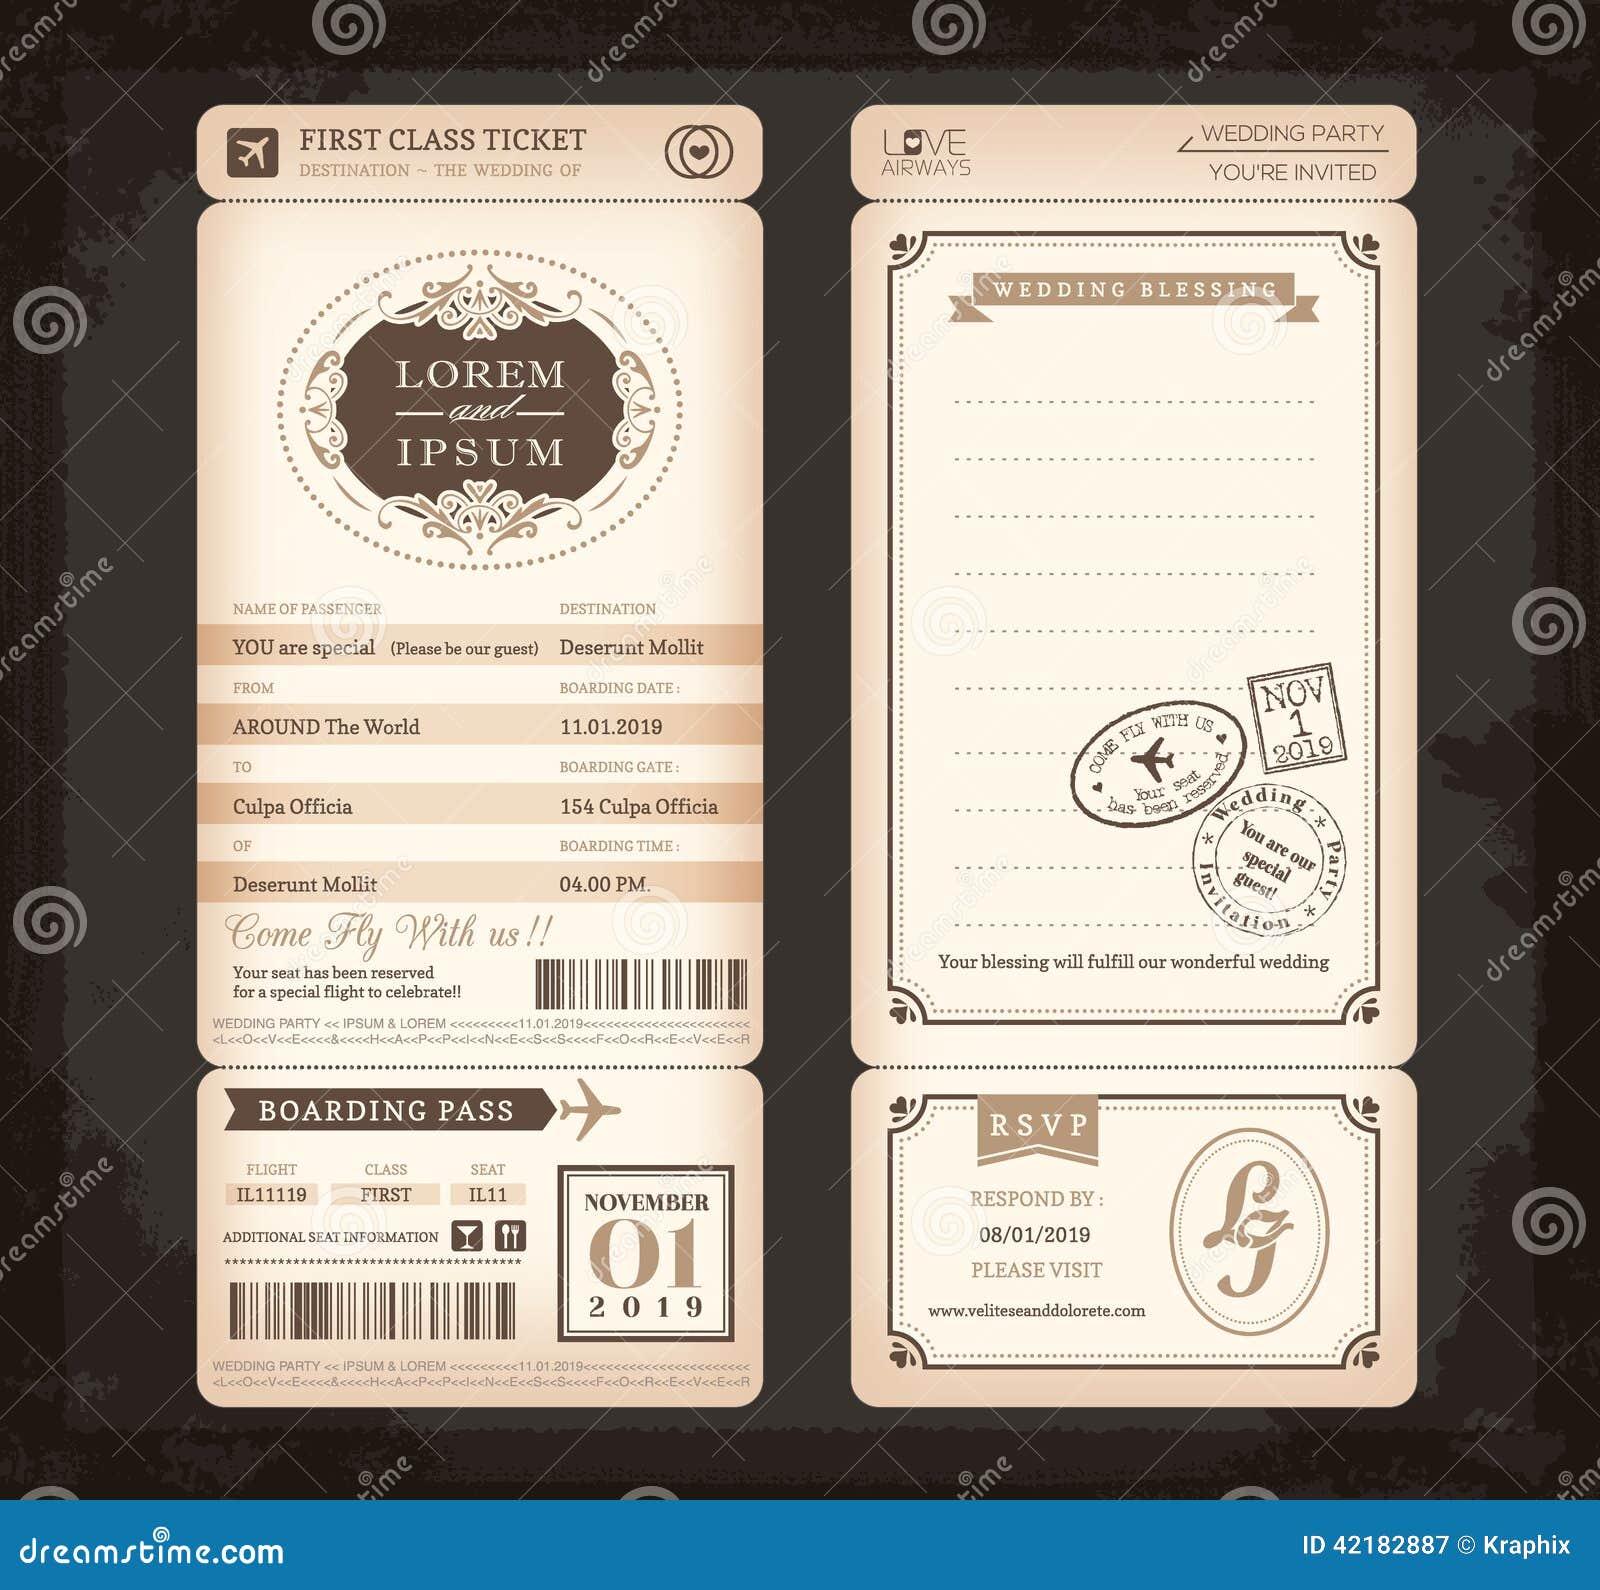 Cartão de casamento velho do bilhete da passagem de embarque do estilo do vintage